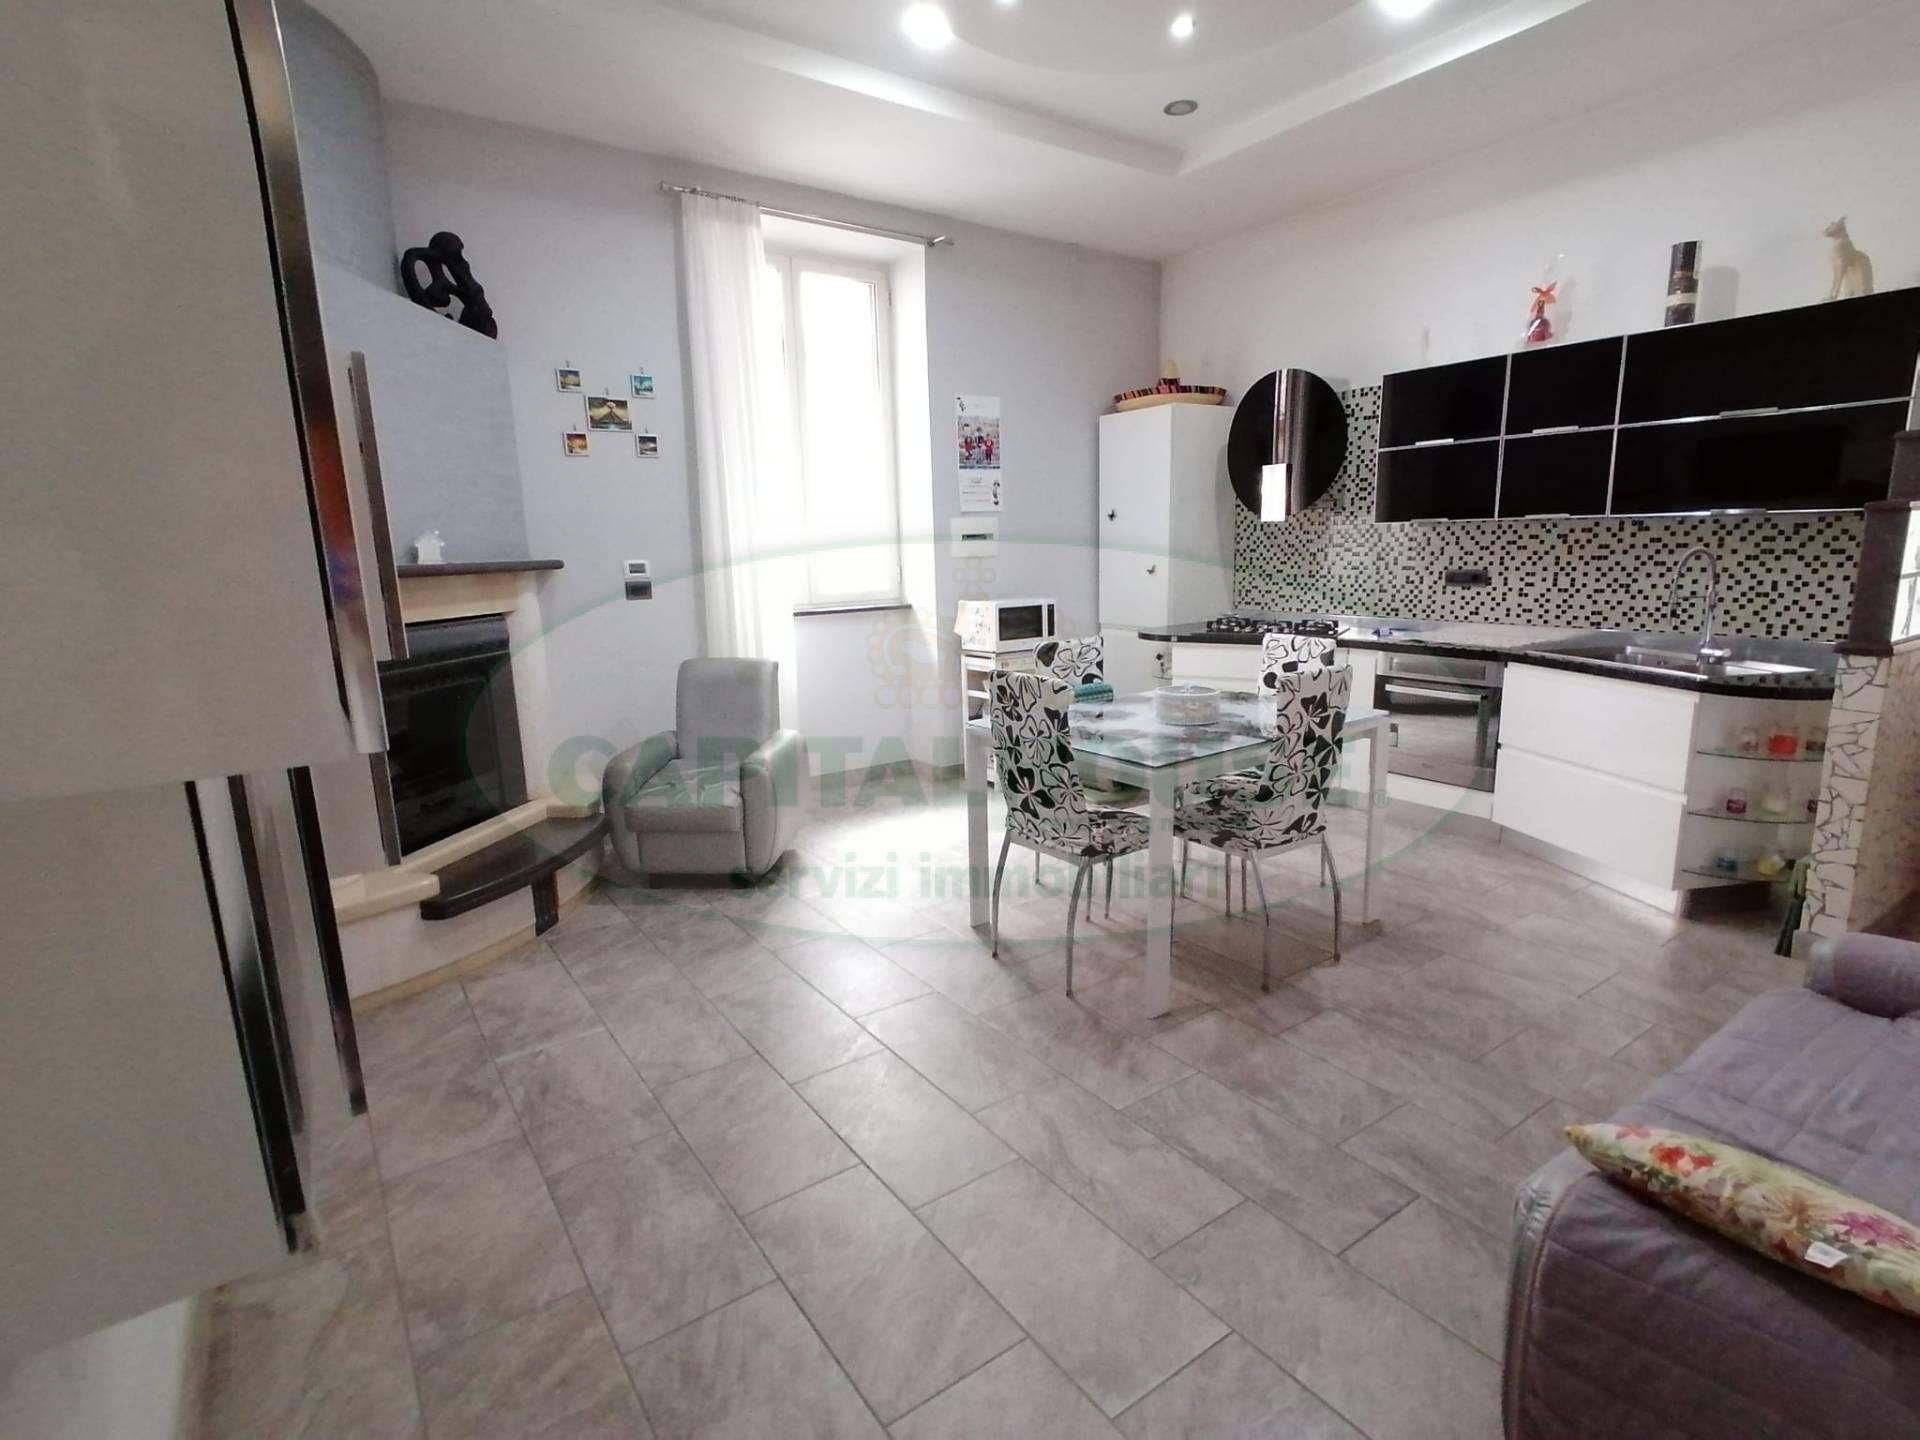 Appartamento in vendita a Cicciano, 3 locali, prezzo € 120.000 | CambioCasa.it